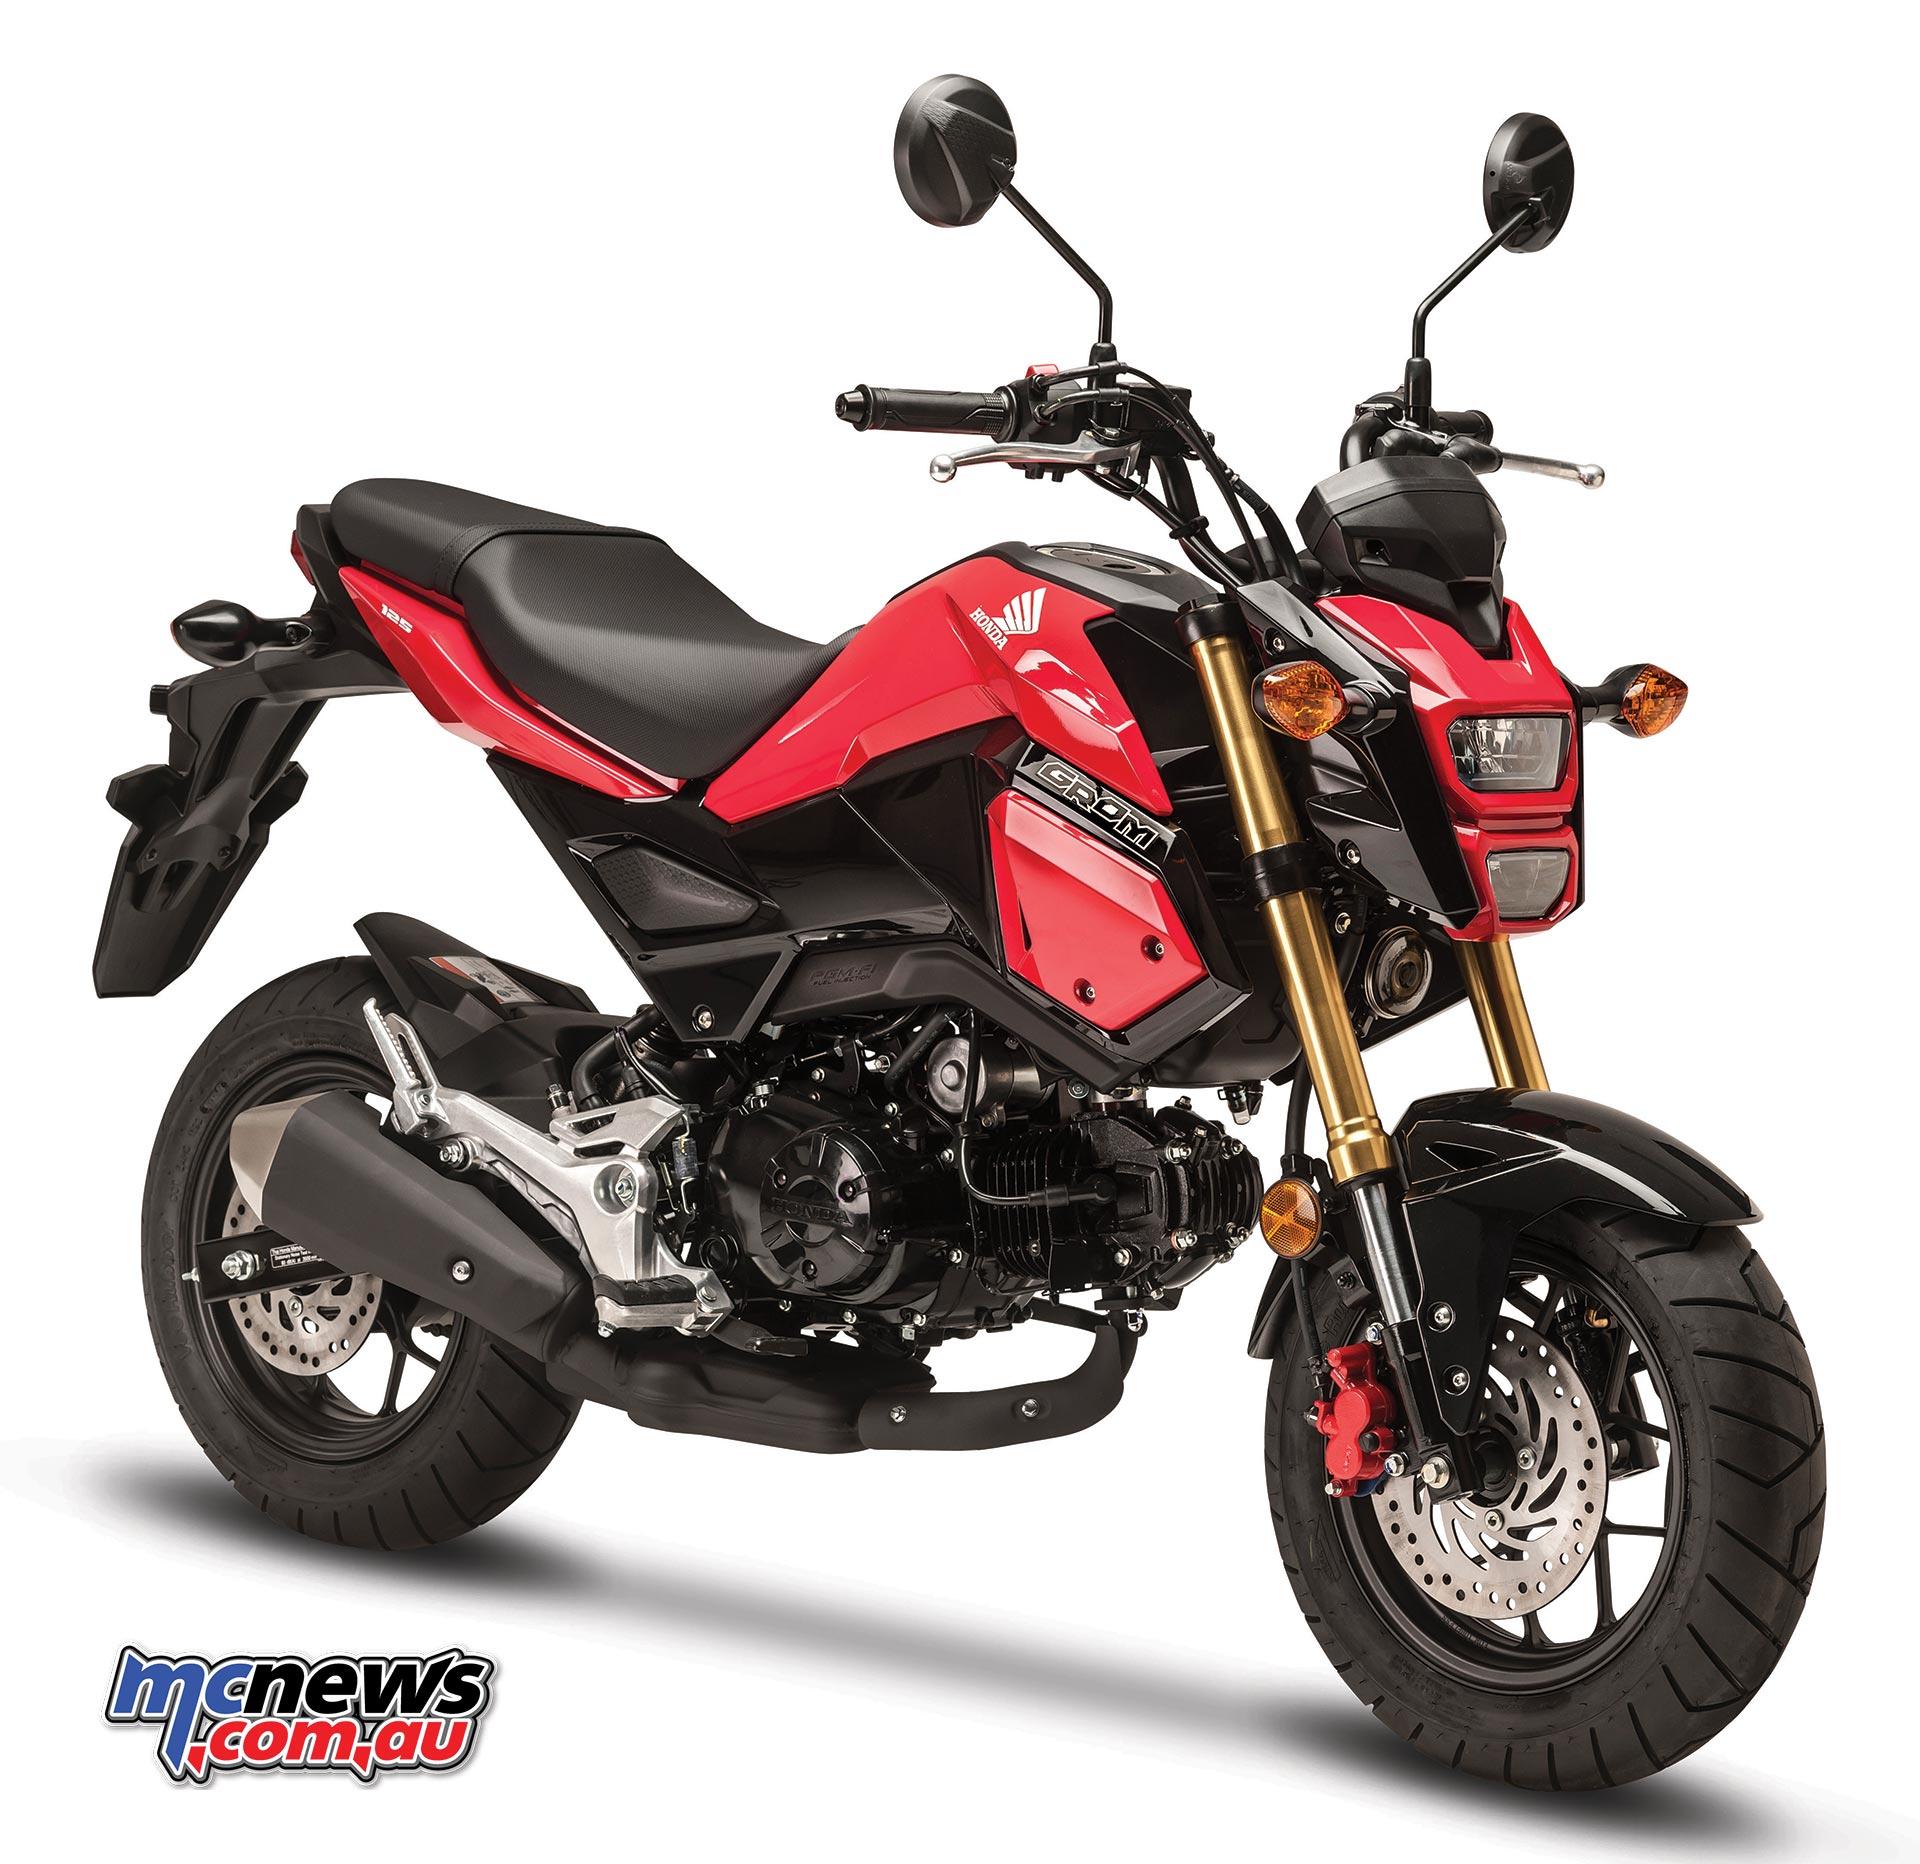 Honda Grom Ride-Away Sale | $3,999 | MCNews com au